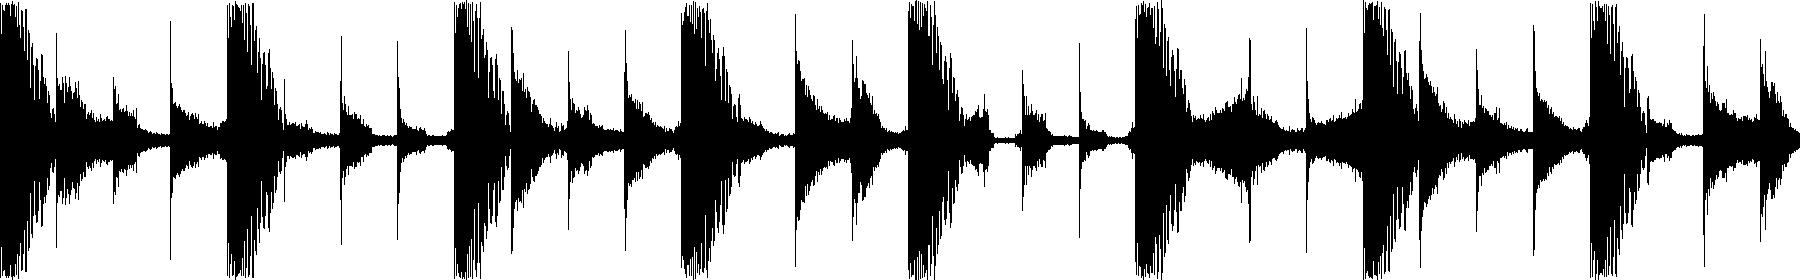 shg drum loop 15